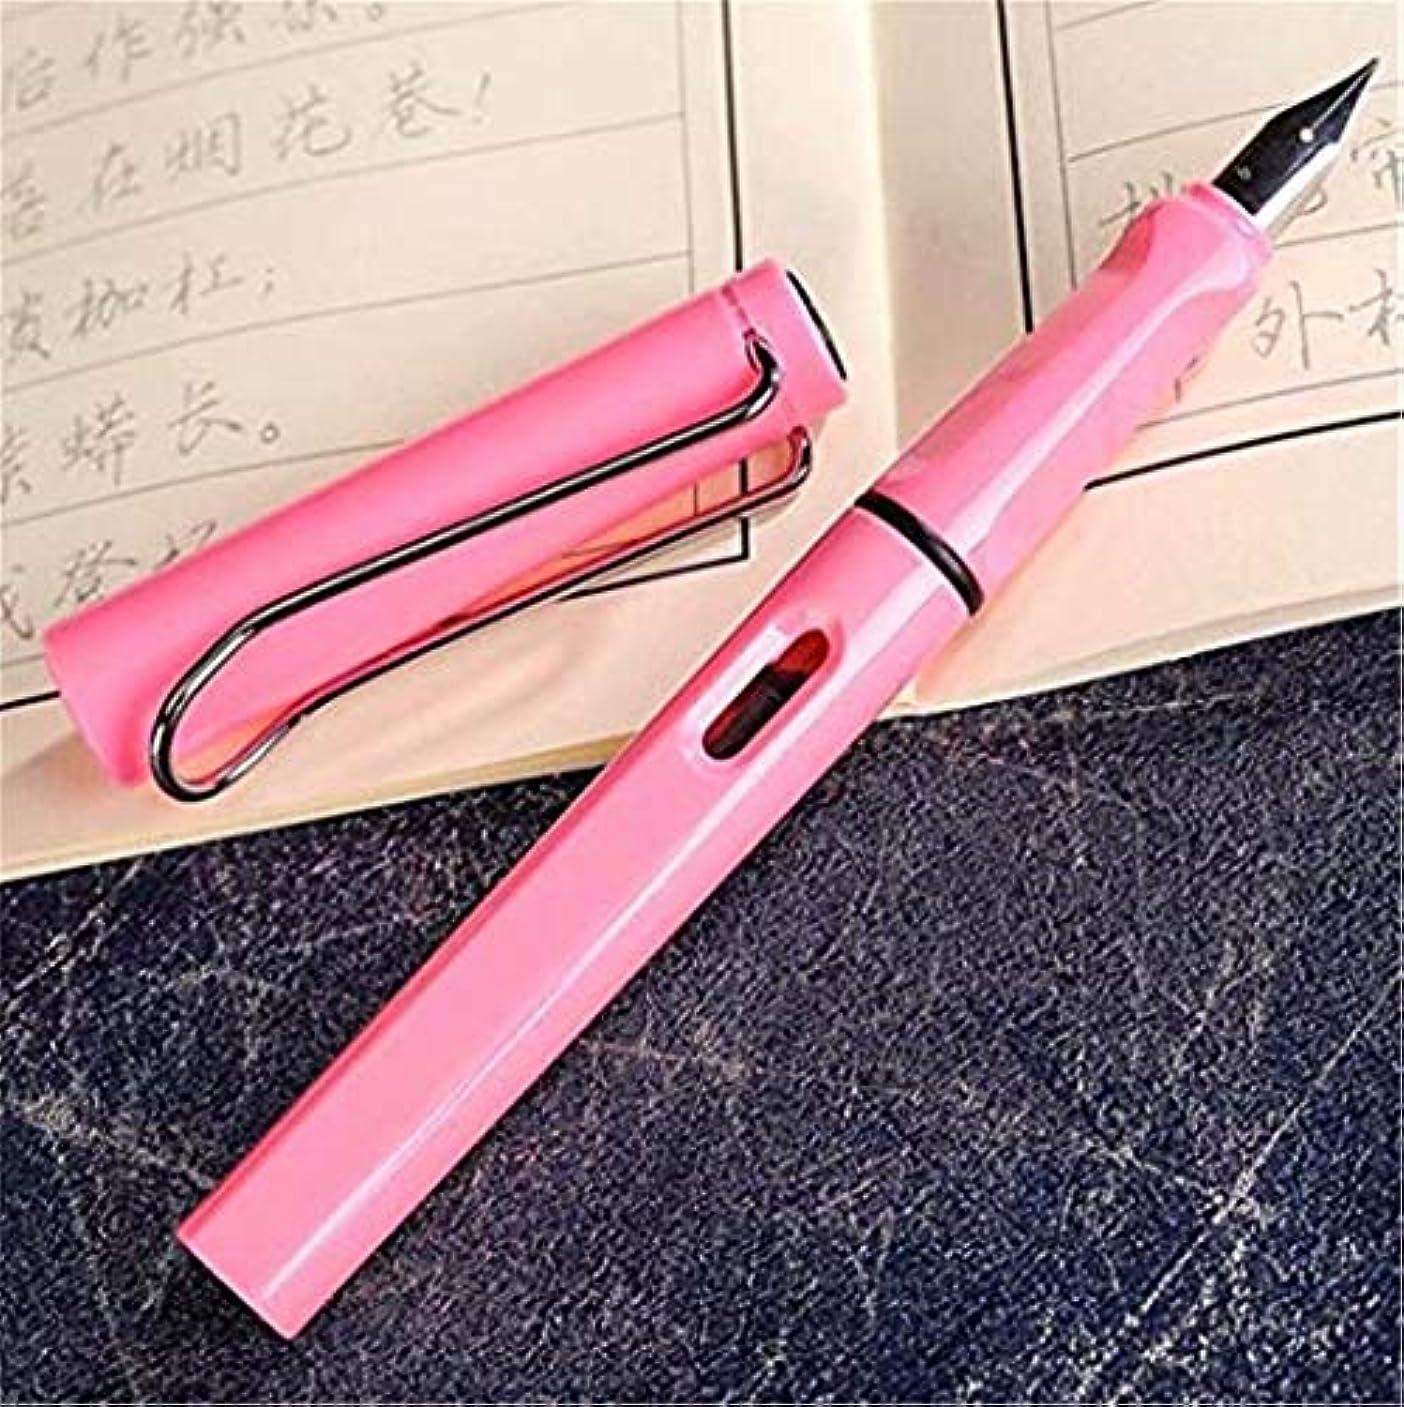 推進ゆりかごテスピアン七里の香 ミリメートルストレートペン先のインクリフィル万年筆、ブラックゴールドトーン …